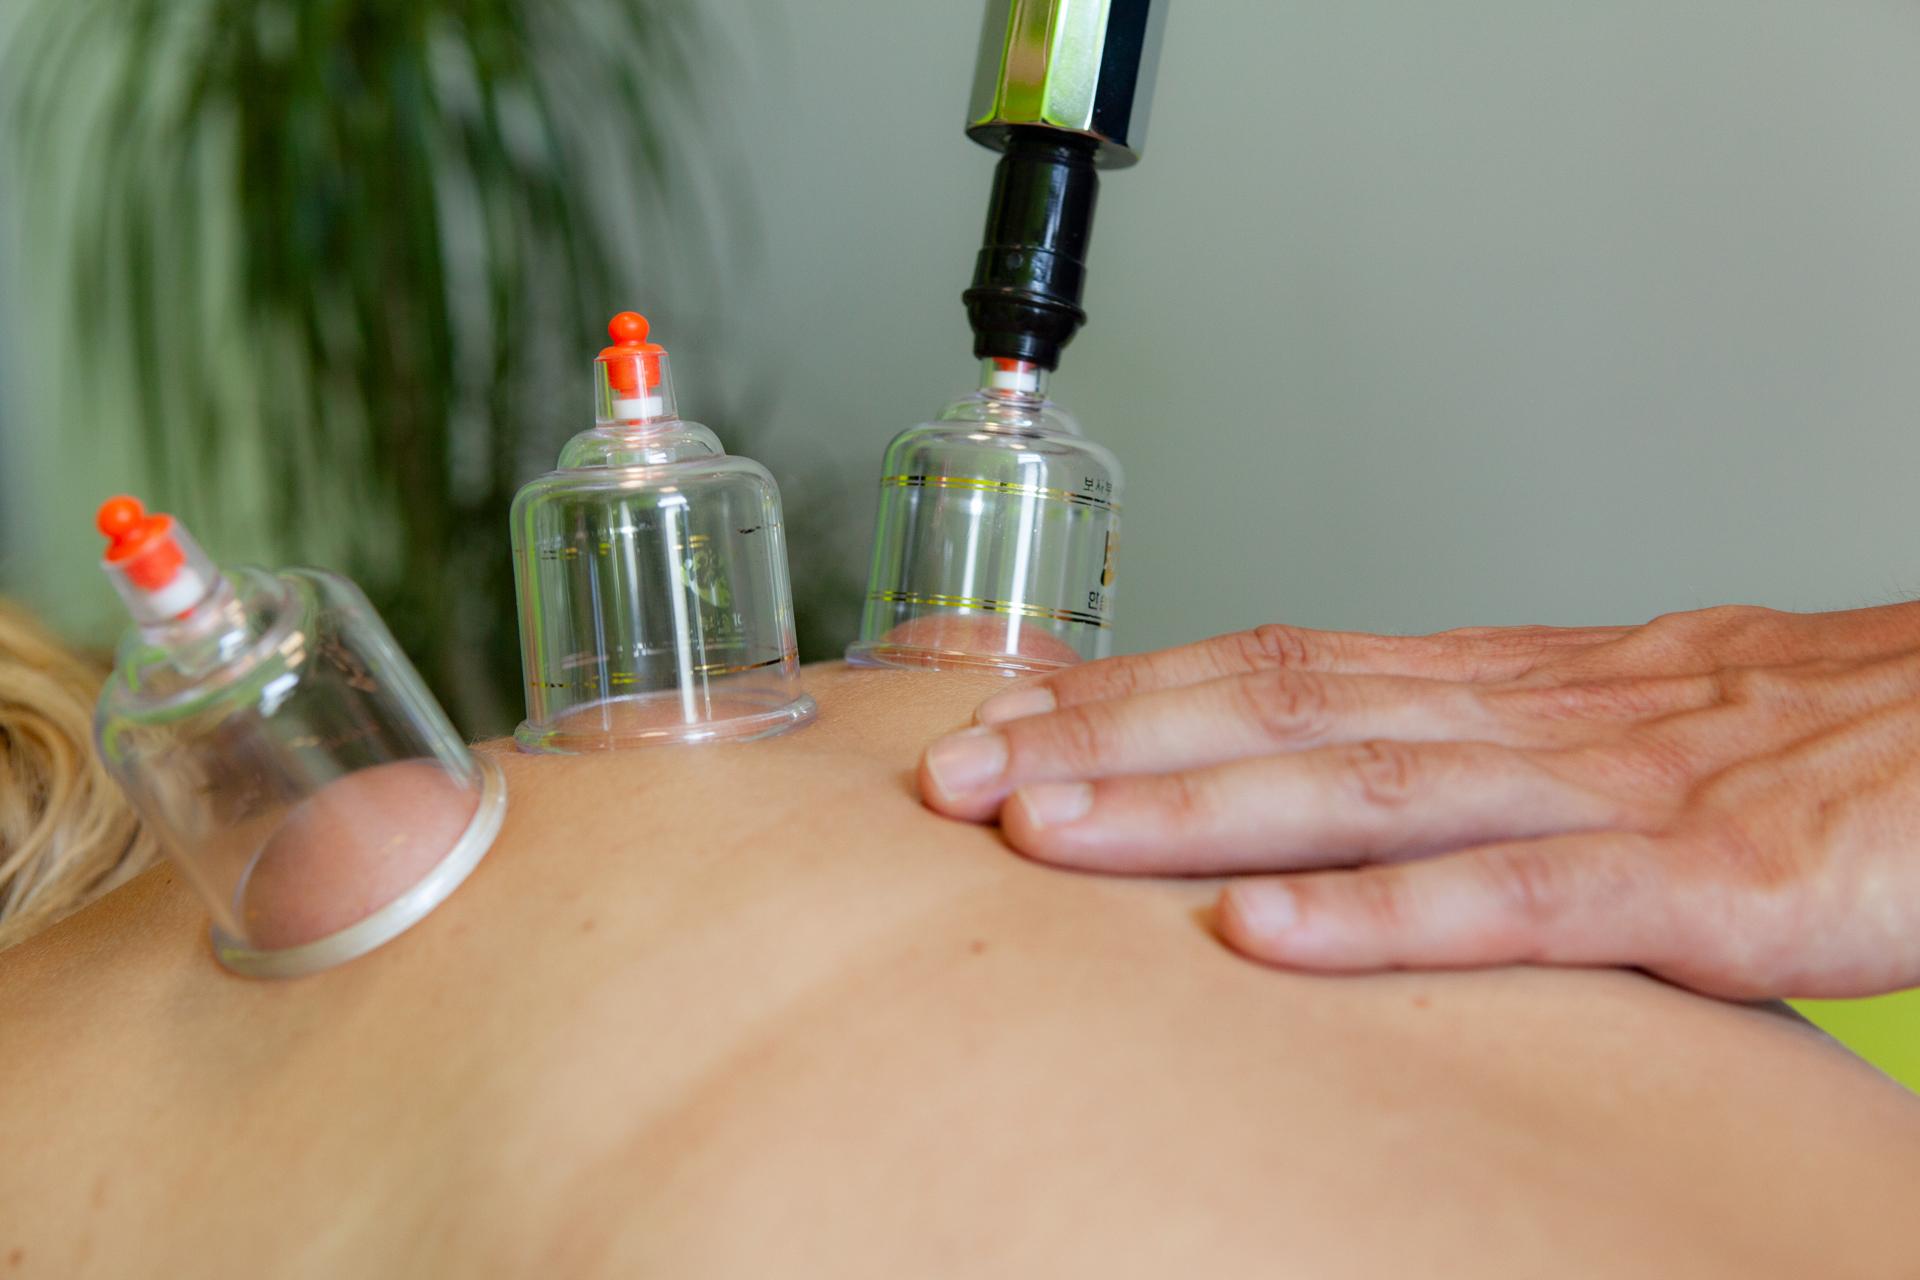 Coppettazione sul tratto dorsale per risolvere dei dolori cronici al rachide